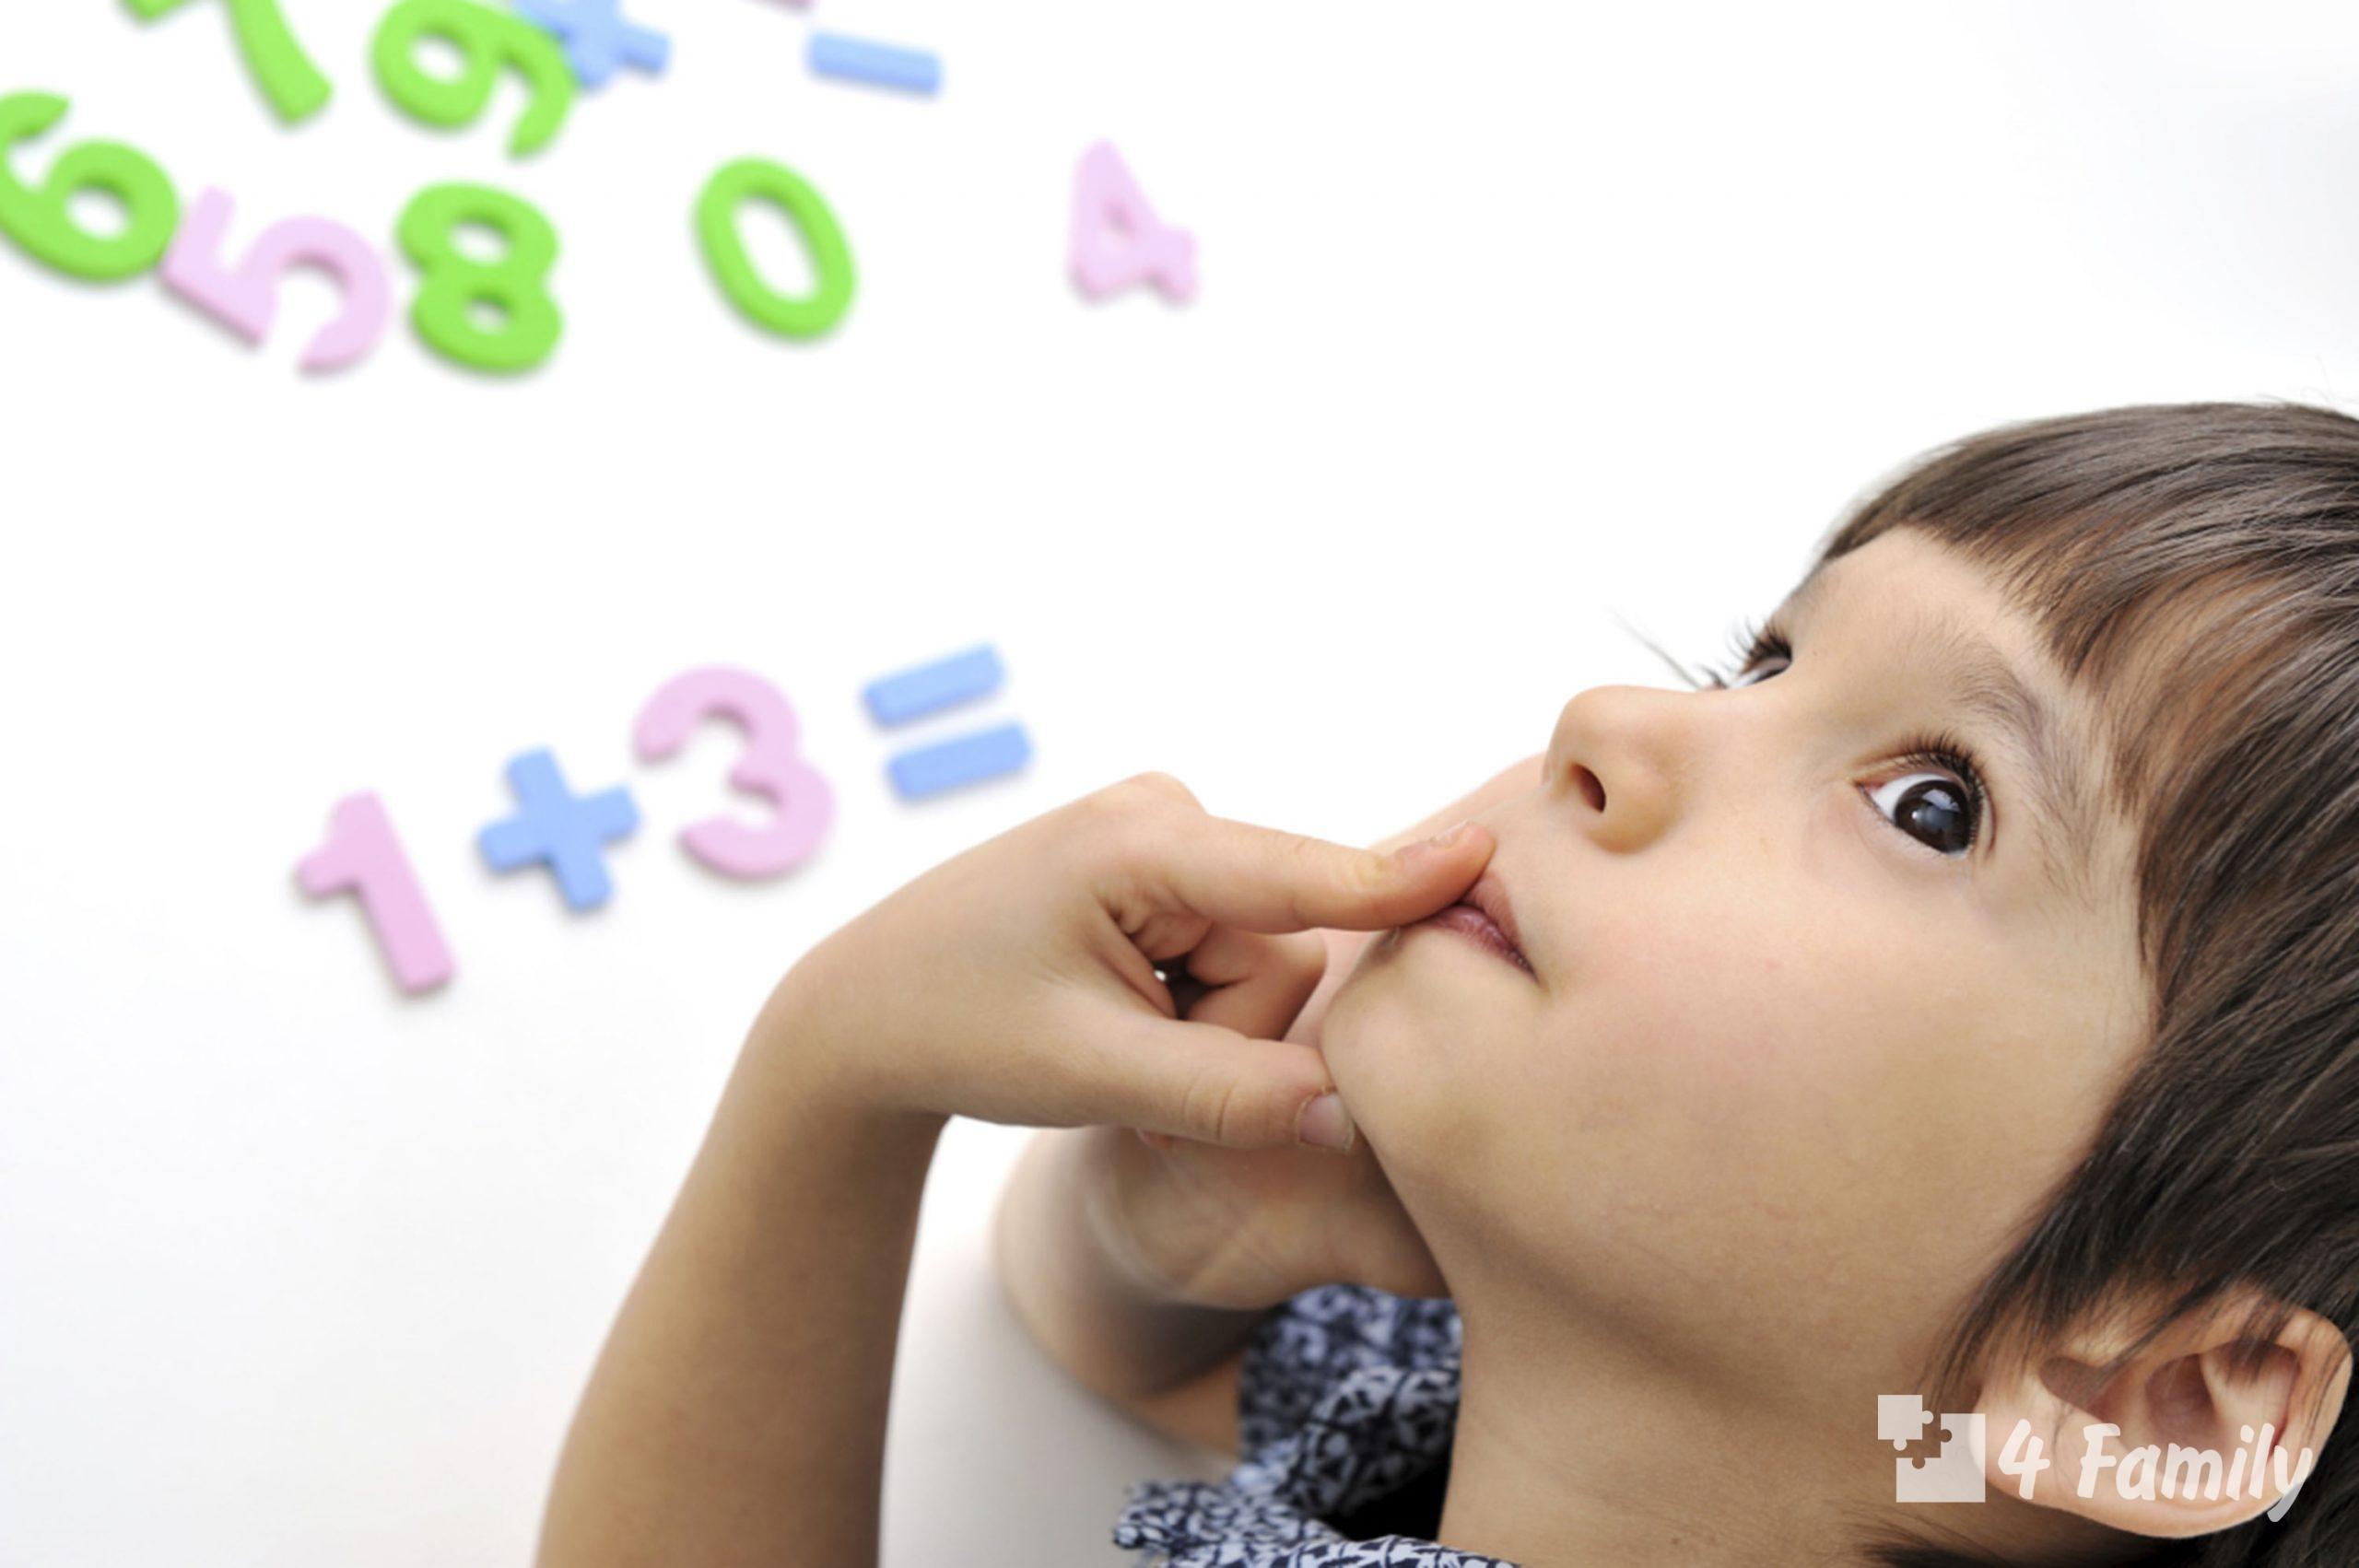 Фото. Как научить ребенка считать